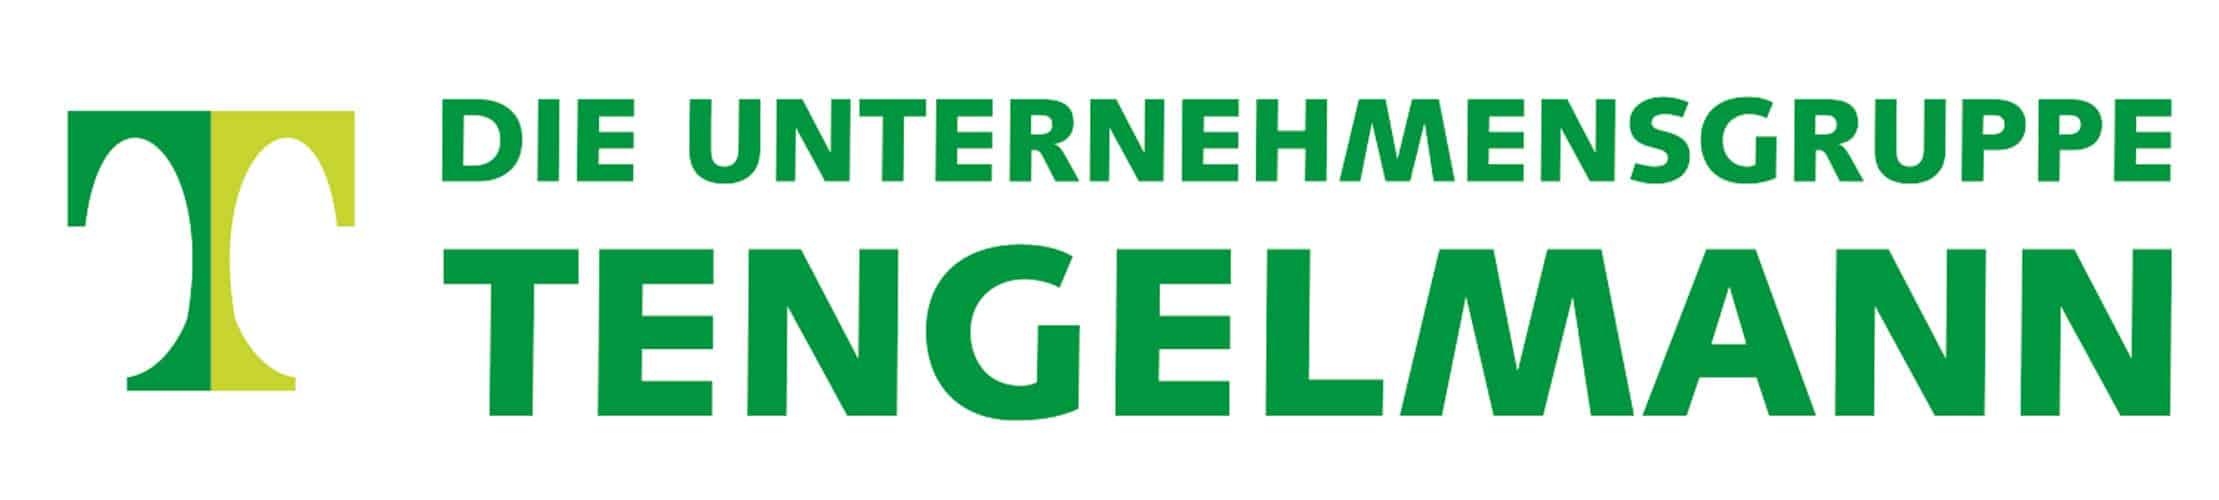 Tengelmann Logo